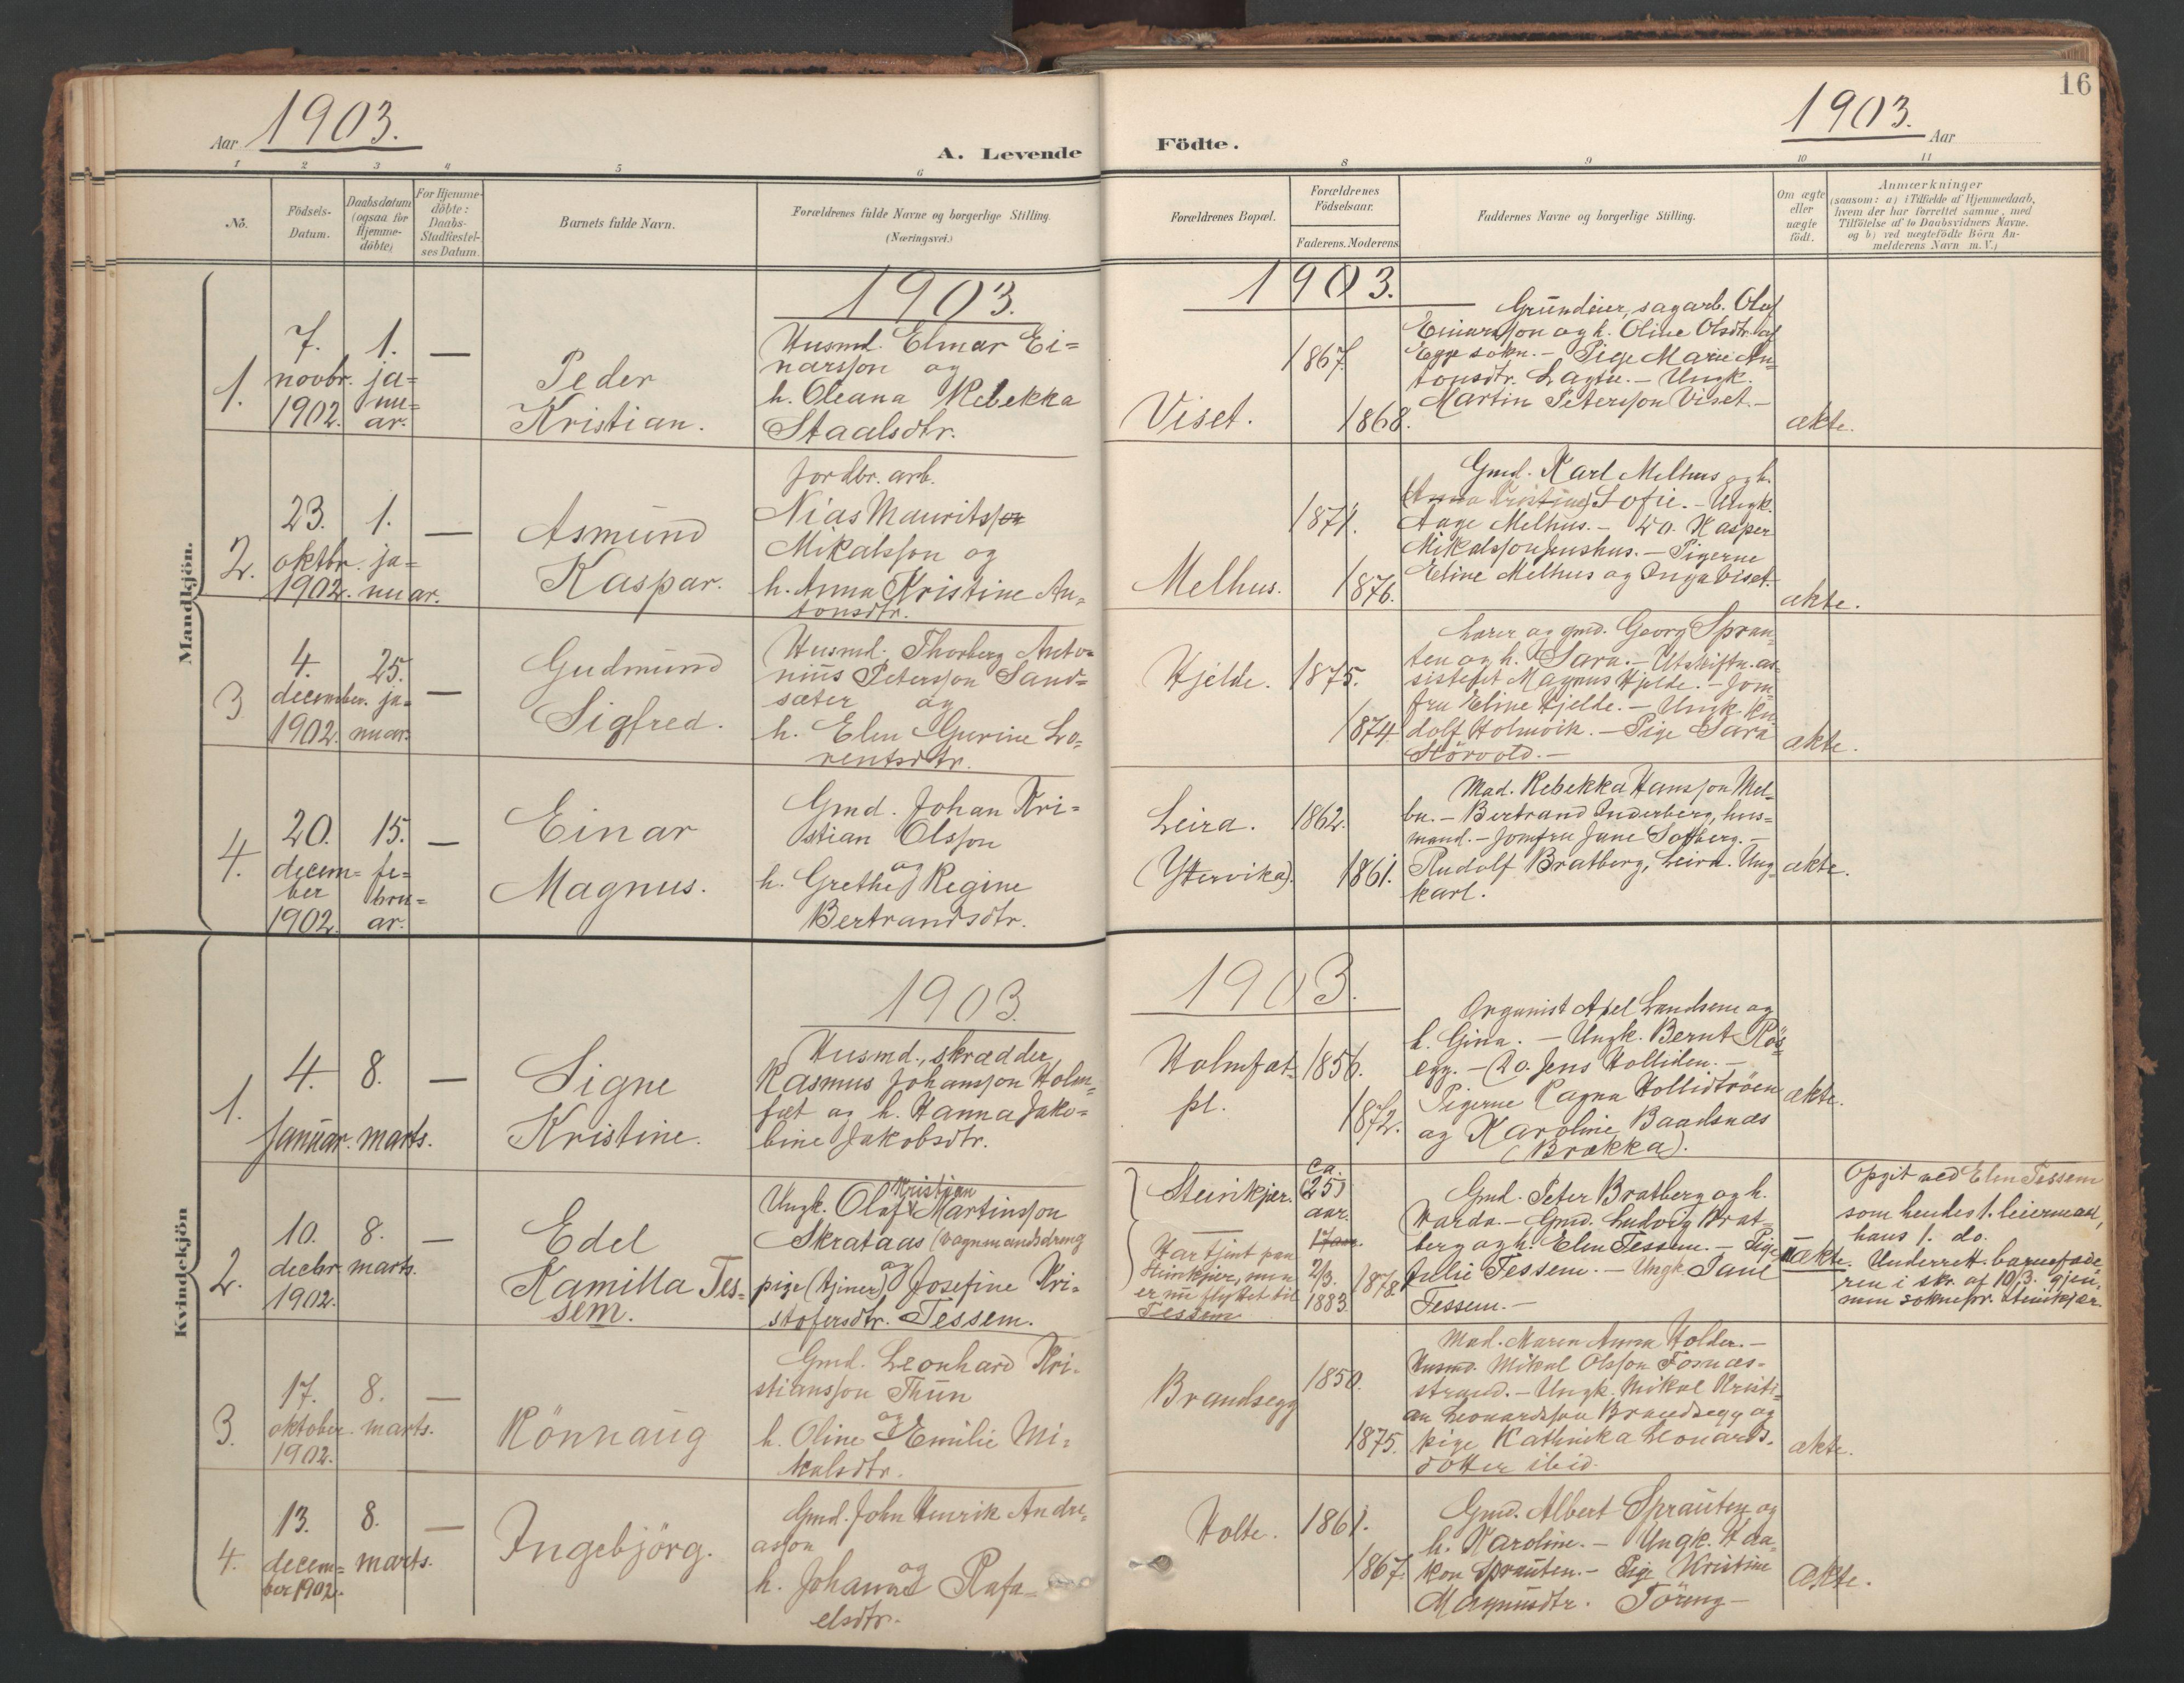 SAT, Ministerialprotokoller, klokkerbøker og fødselsregistre - Nord-Trøndelag, 741/L0397: Ministerialbok nr. 741A11, 1901-1911, s. 16